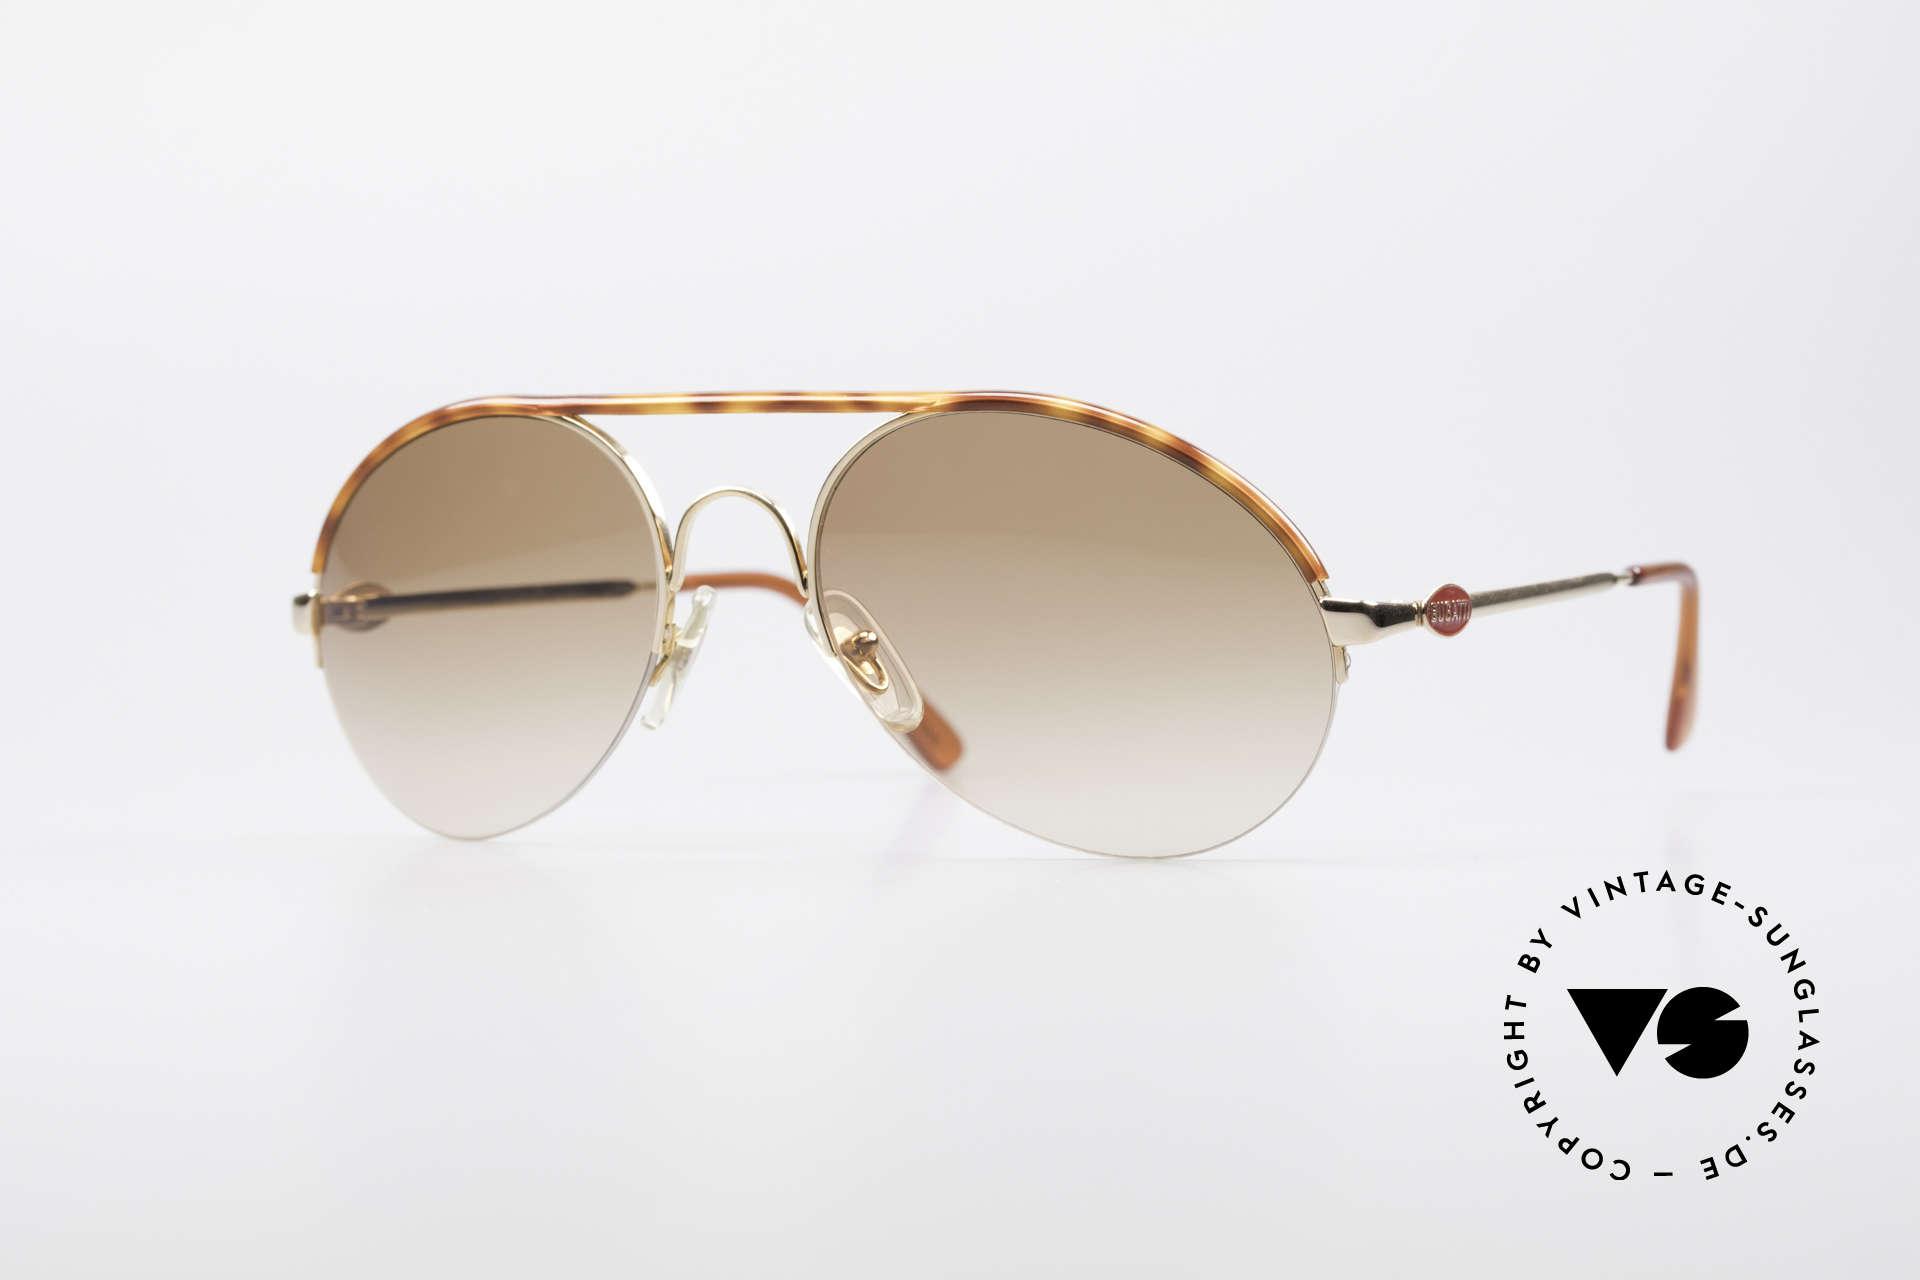 Bugatti 64919 90's Semi Rimless Sunglasses, very elegant vintage BUGATTI designer sunglasses, Made for Men